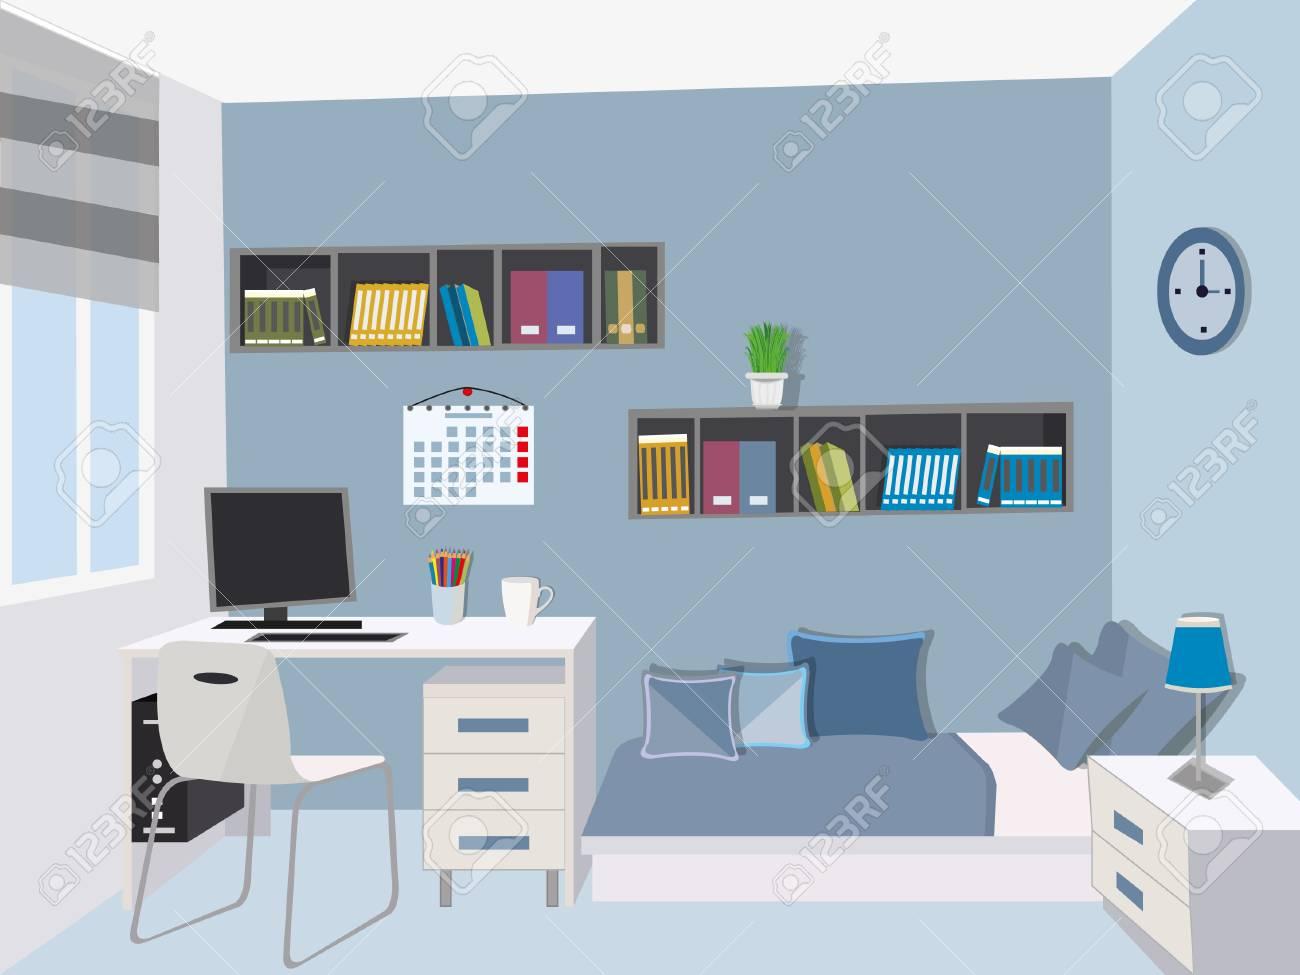 Chambre Adolescente Moderne Interieur Elegant Avec Des Meubles Colores Lit Bureau D Ordinateur Ordinateur Etagere Table De Chevet Illustration